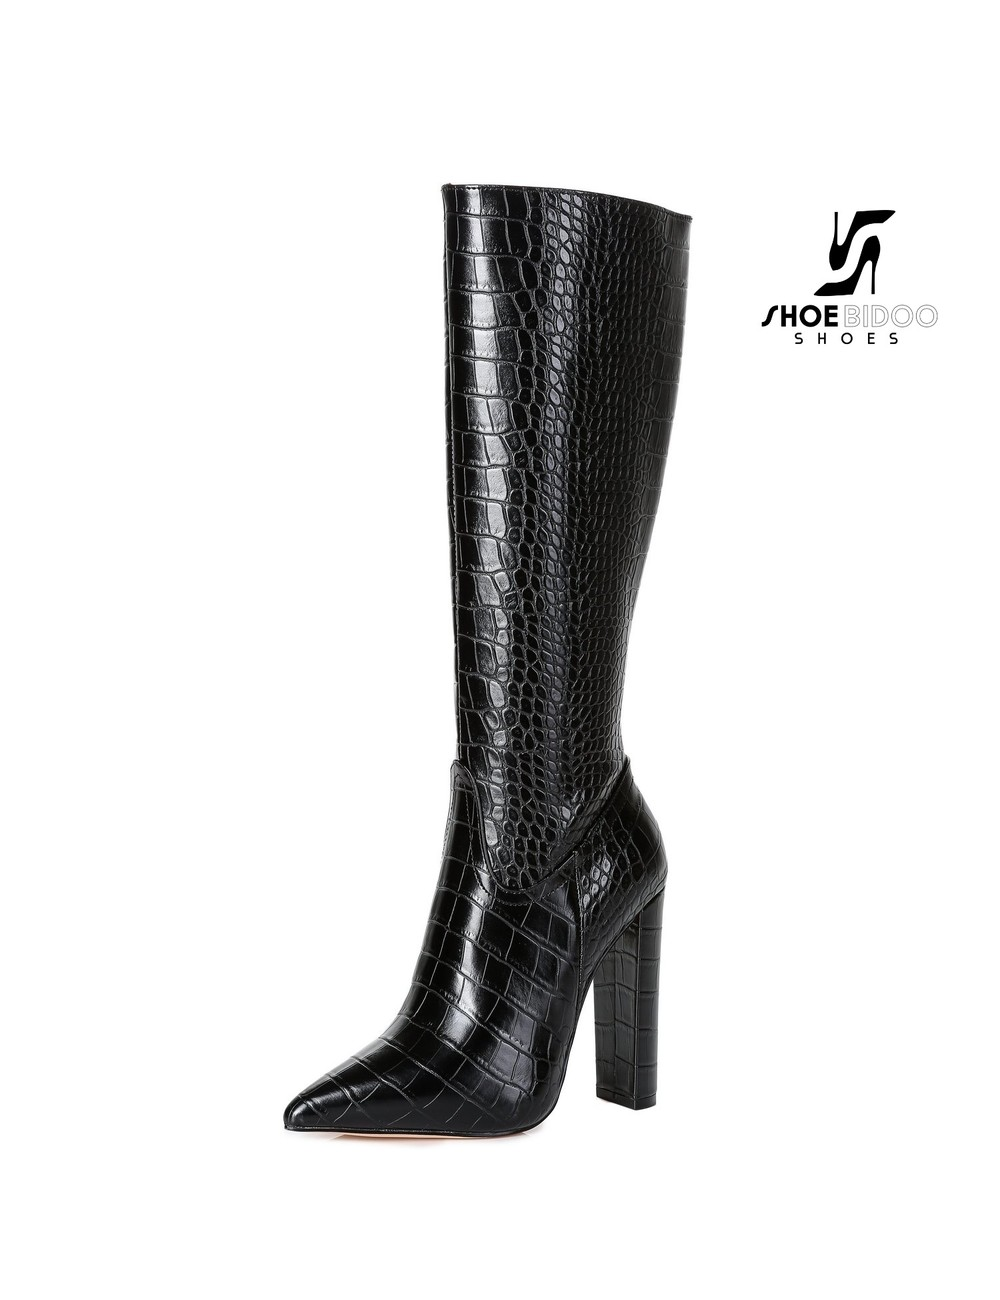 Giaro Giaro fashion knielaarzen TAKEN in zwart krok print